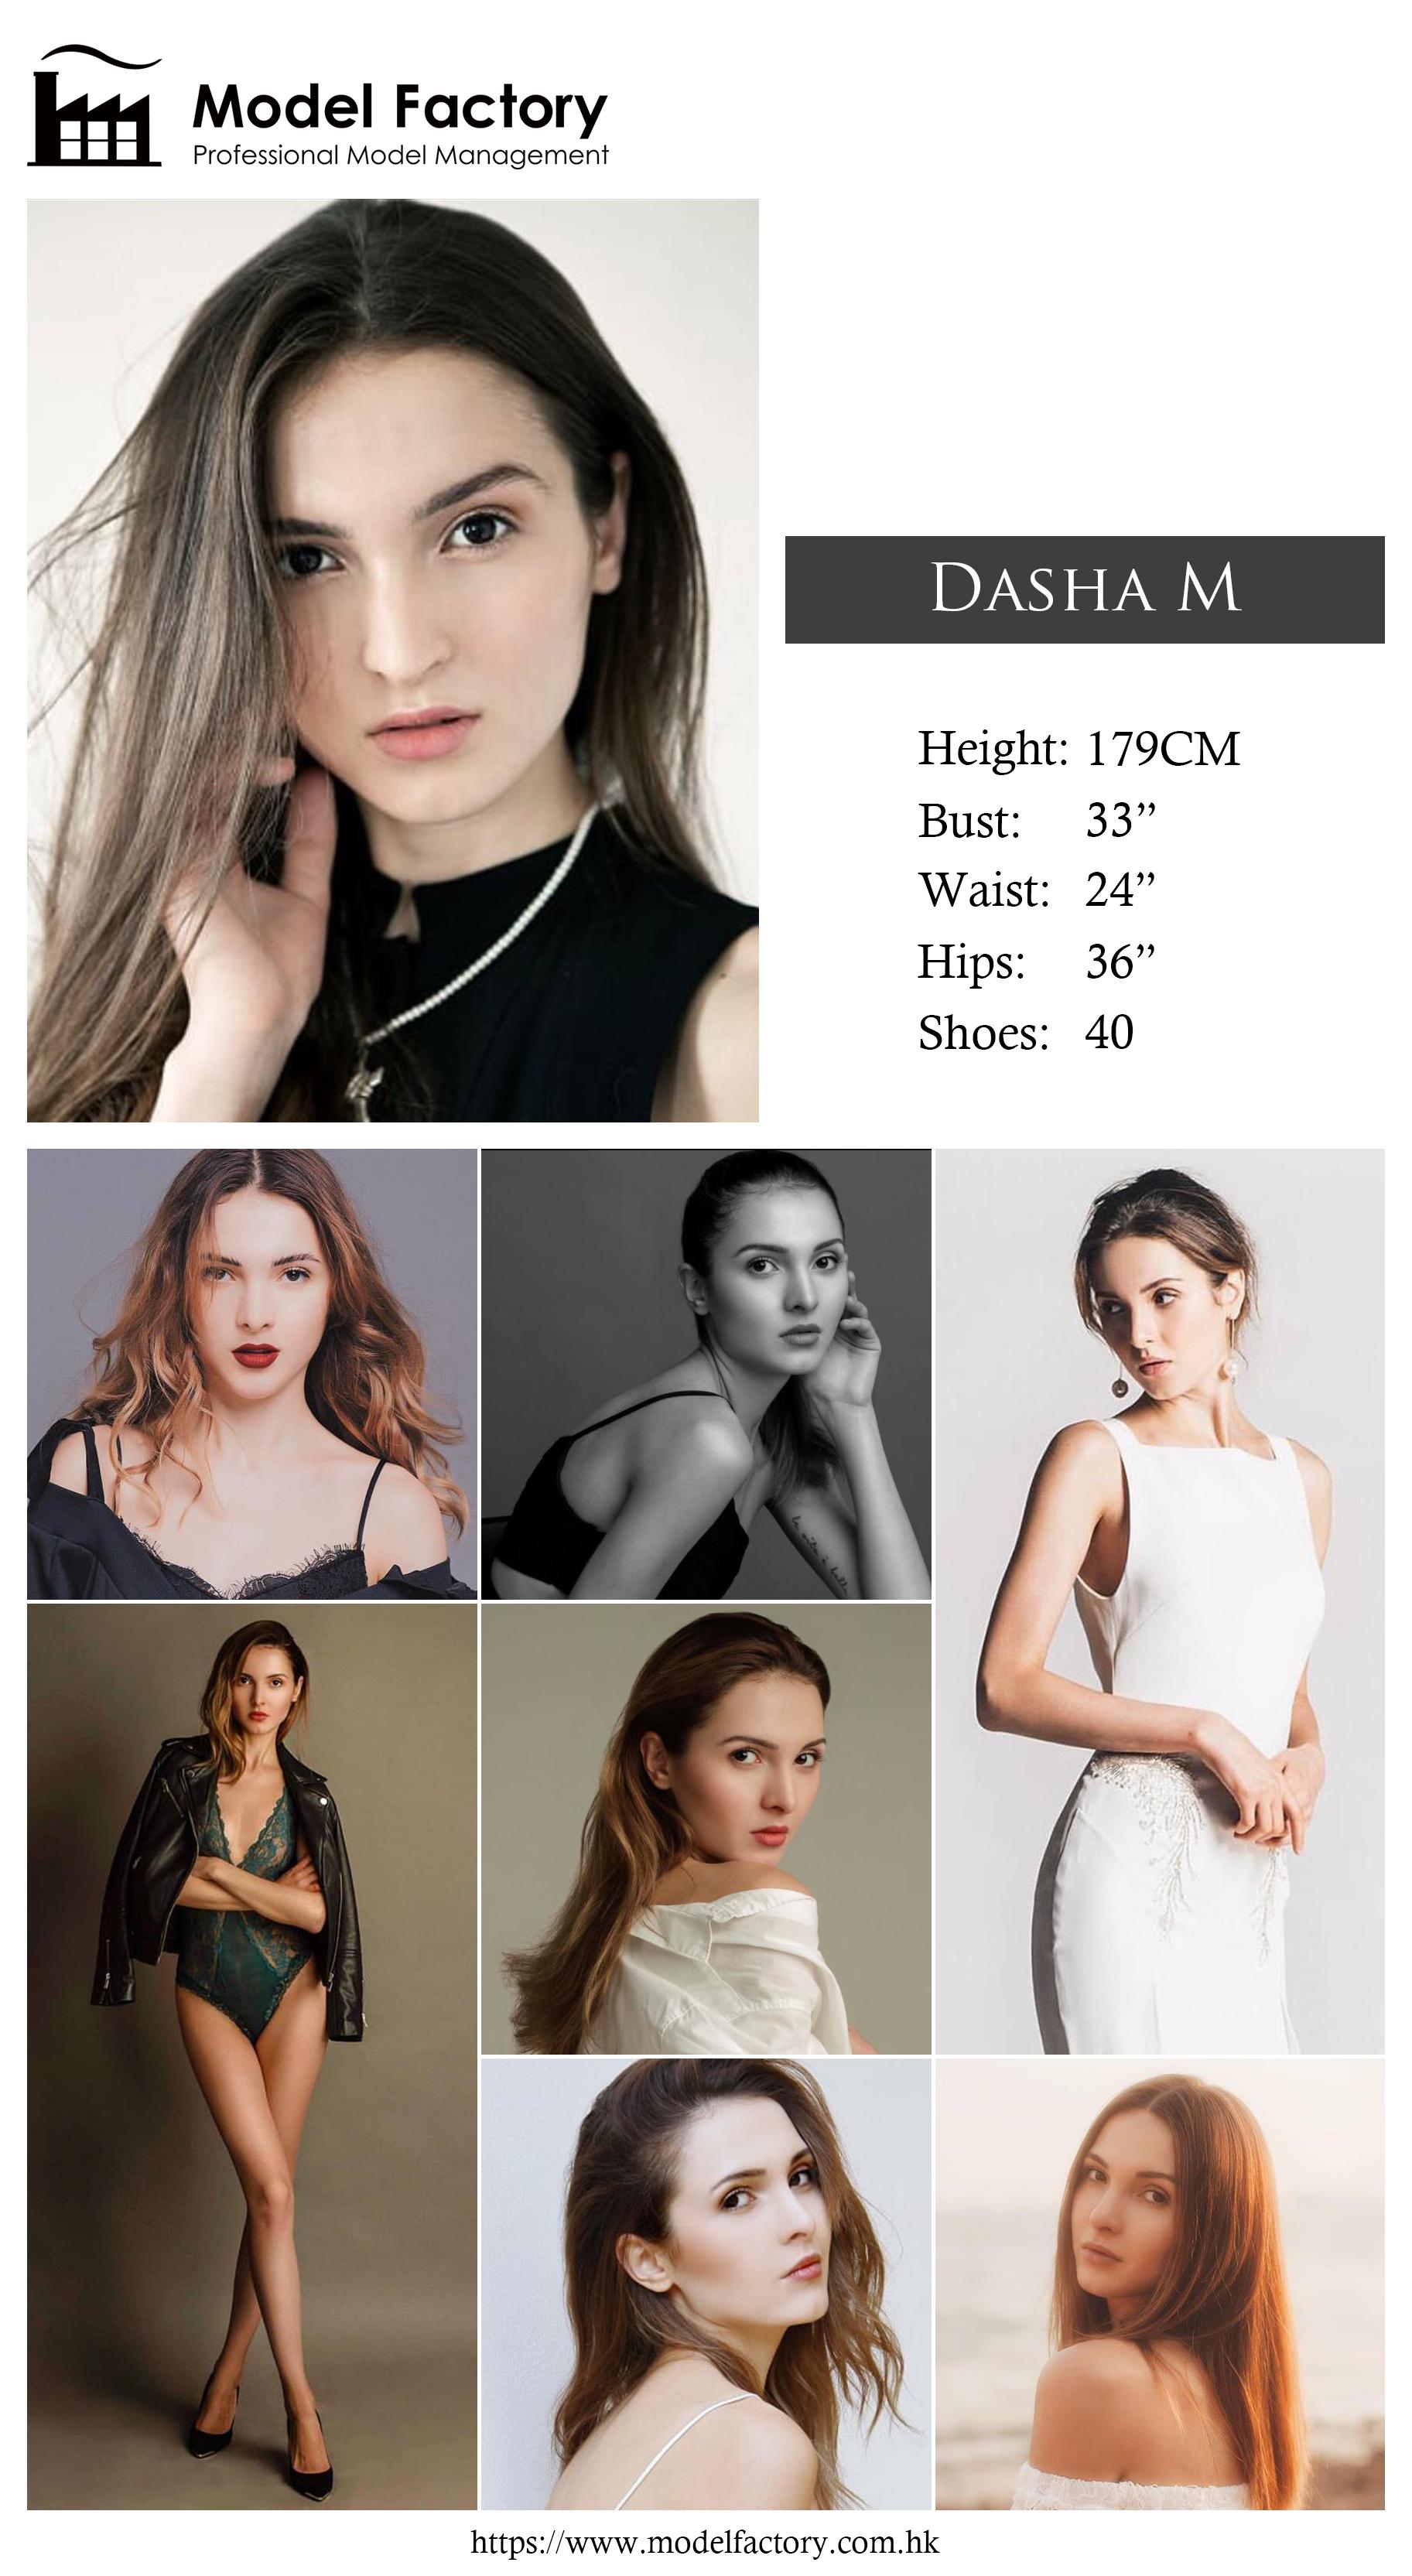 Model Factory Caucasian Female Model DashaM